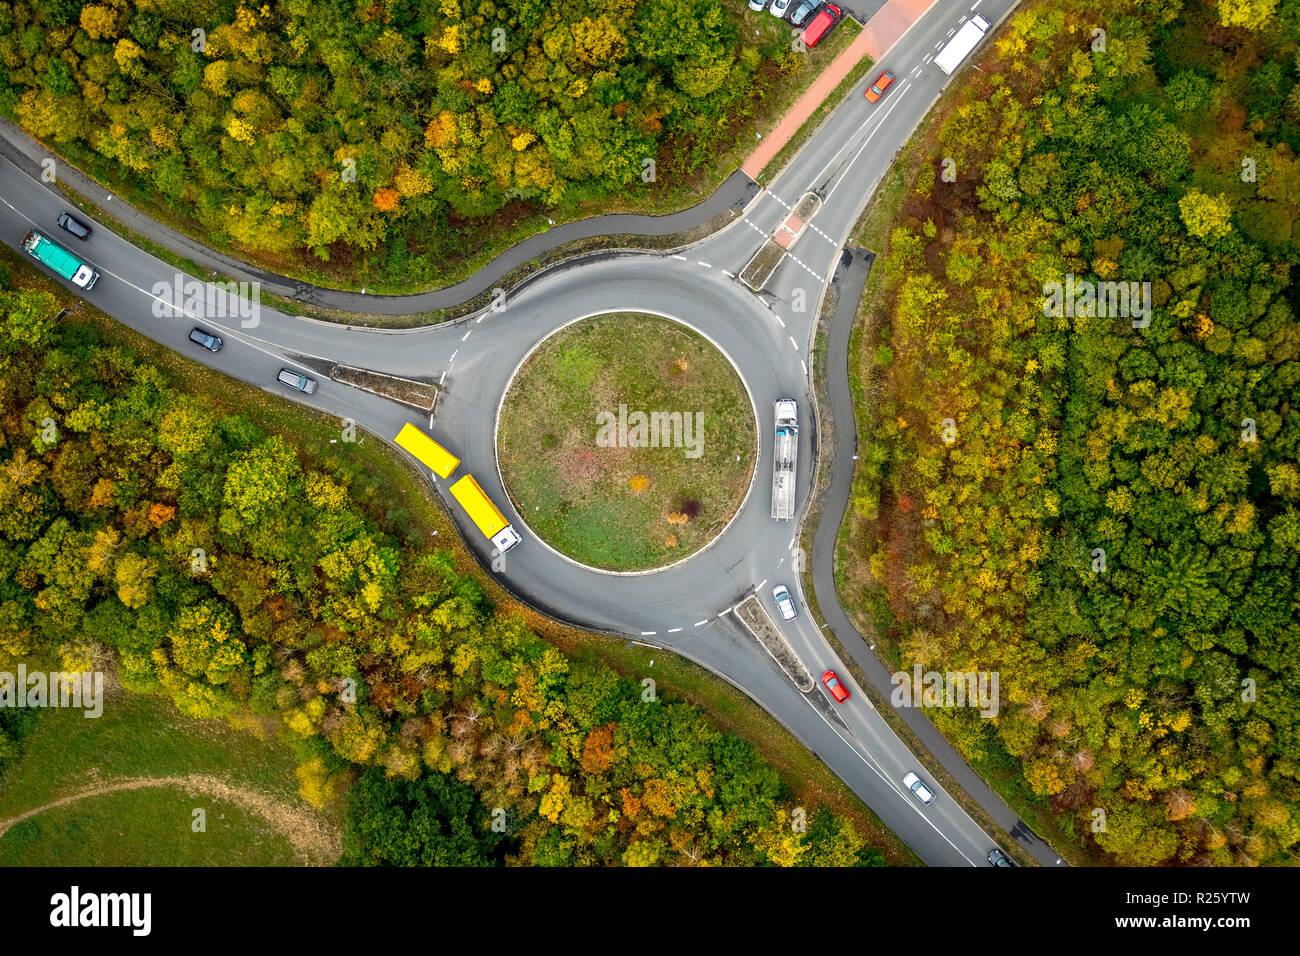 Luftaufnahme, Karussell, Bönen, Ruhrgebiet, Nordrhein-Westfalen, Deutschland Stockfoto